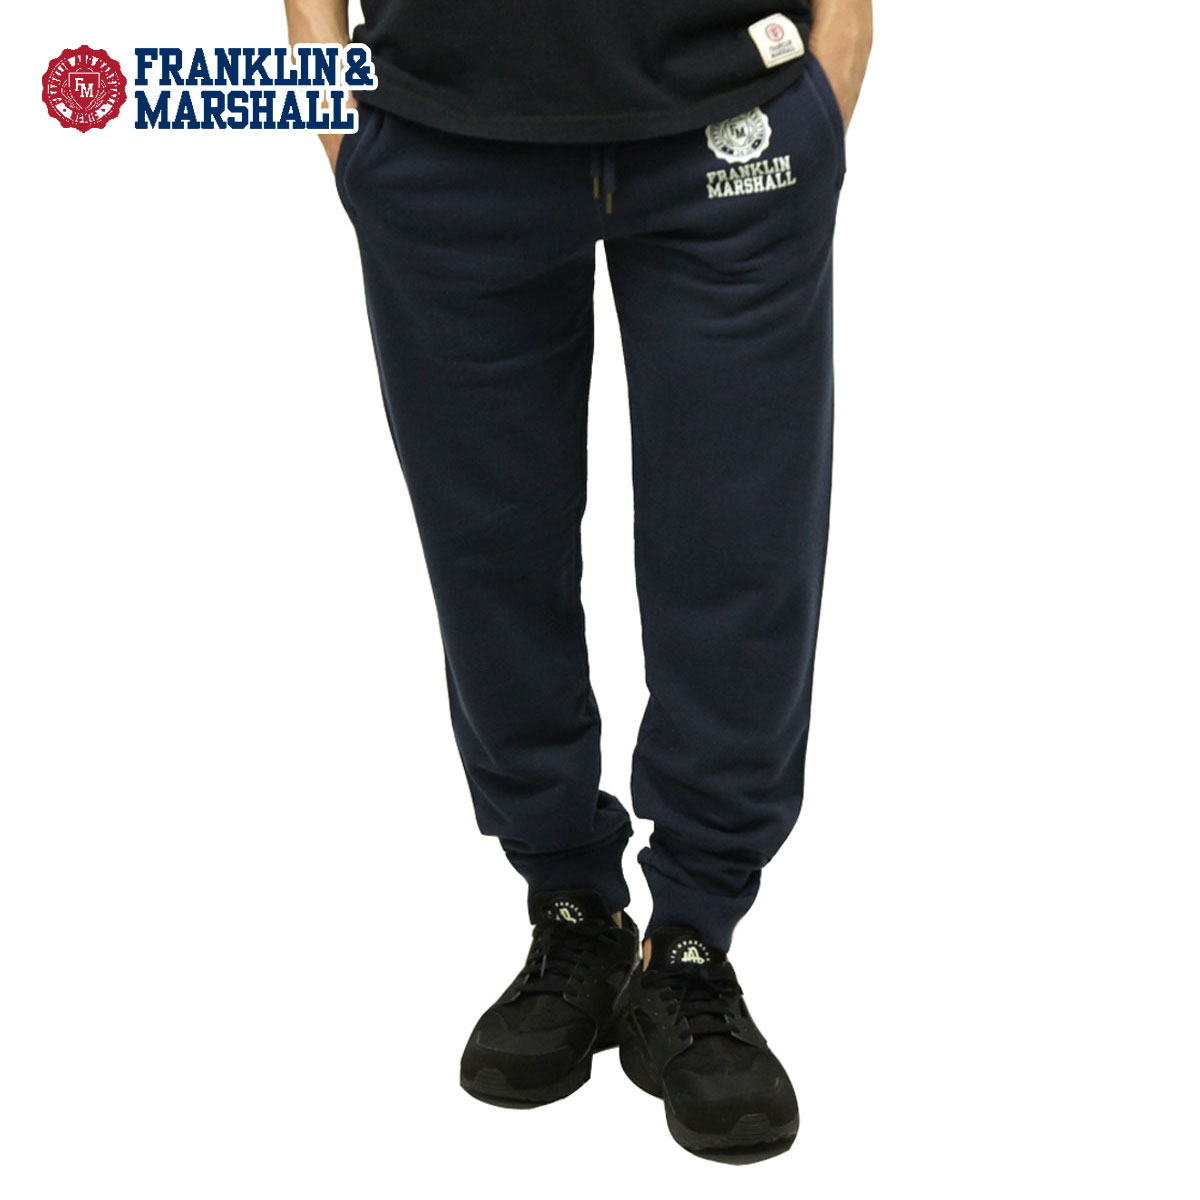 フランクリン マーシャル FRANKLIN&MARSHALL 正規販売店 メンズ スウェットパンツ SWEAT PANTS PAMCA091 D15S25